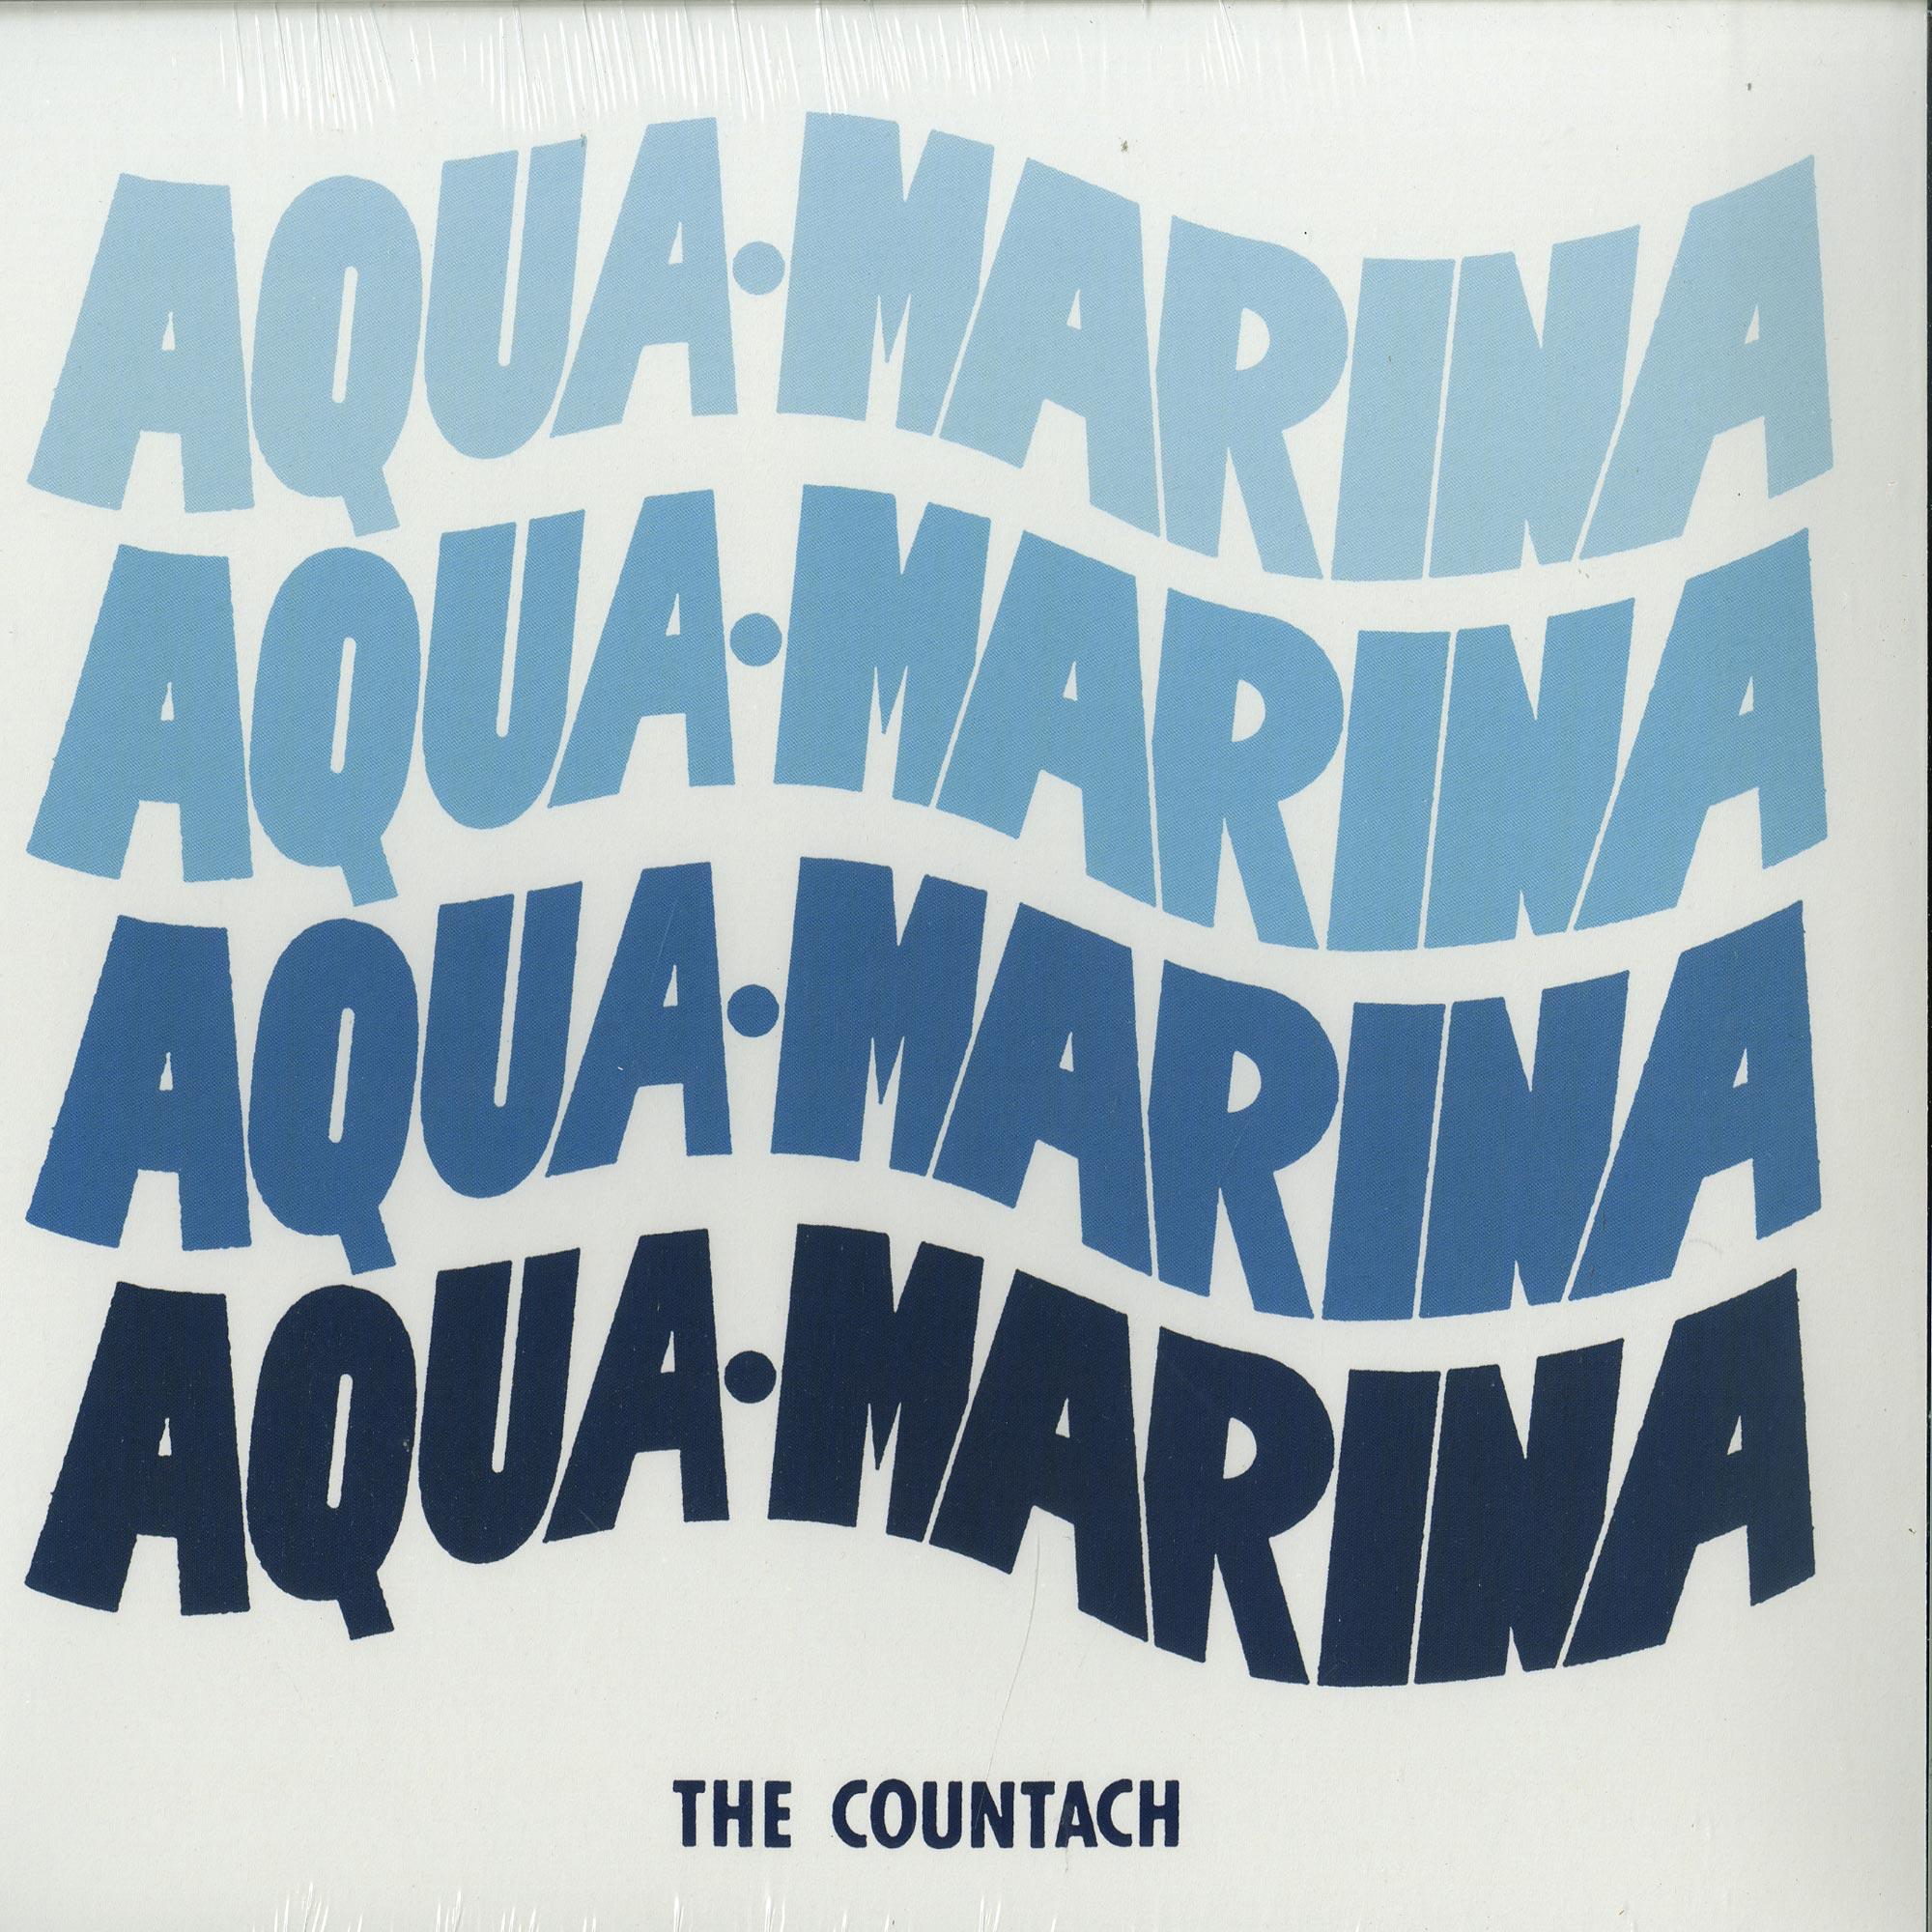 The Countach - AQUA MARINA